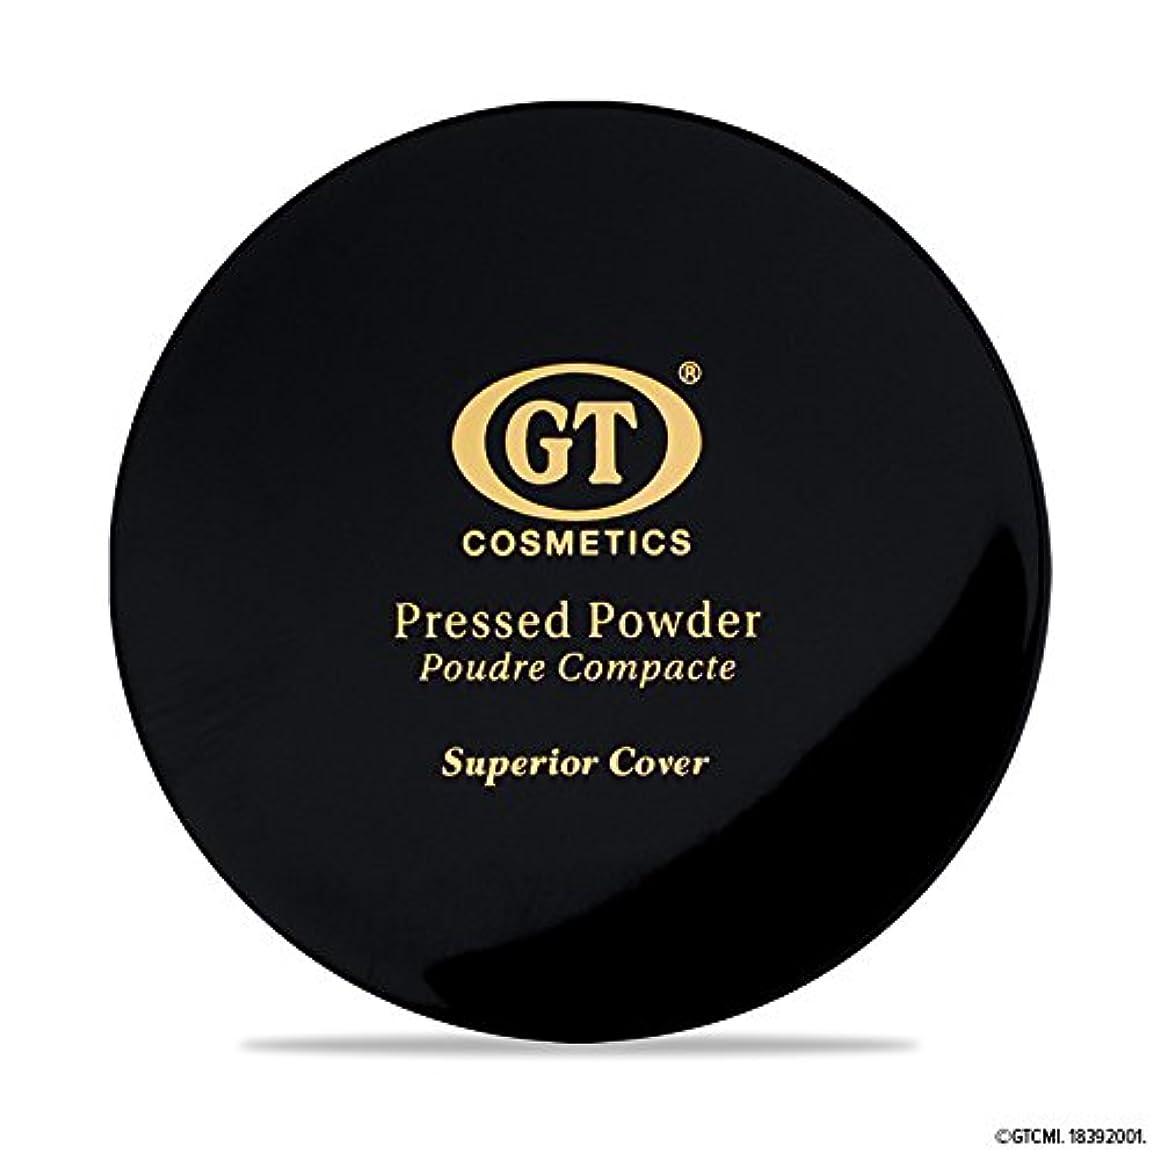 彼は精査する枯渇するGTpressed powder ライトベージュ SPF20 正規輸入代理店 日本初上陸 コスメティック オーガニック ファンデーション